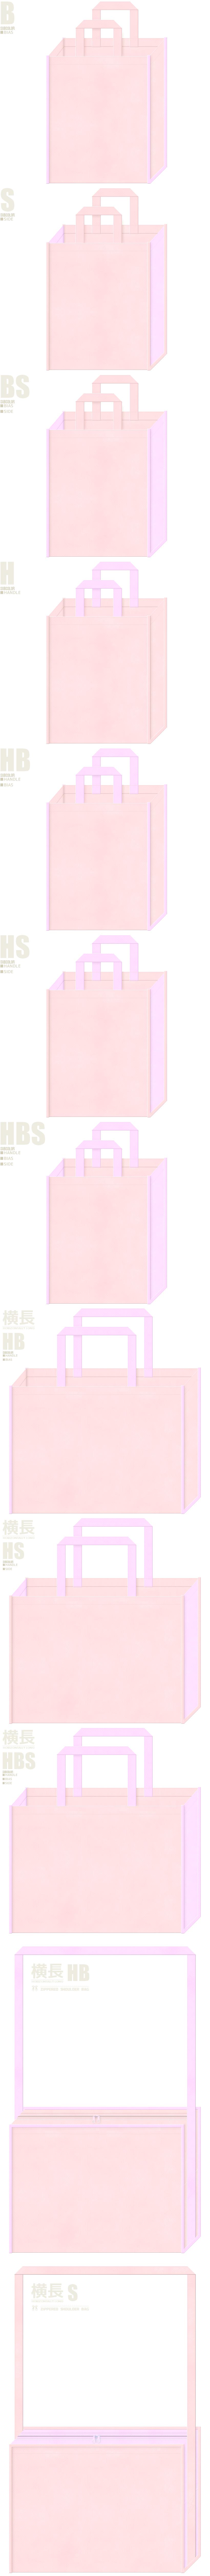 ガーリー・ドリーム・浴衣・寝具のイメージにお奨めの不織布バッグデザイン:桜色と明るいピンク色の配色7パターン。